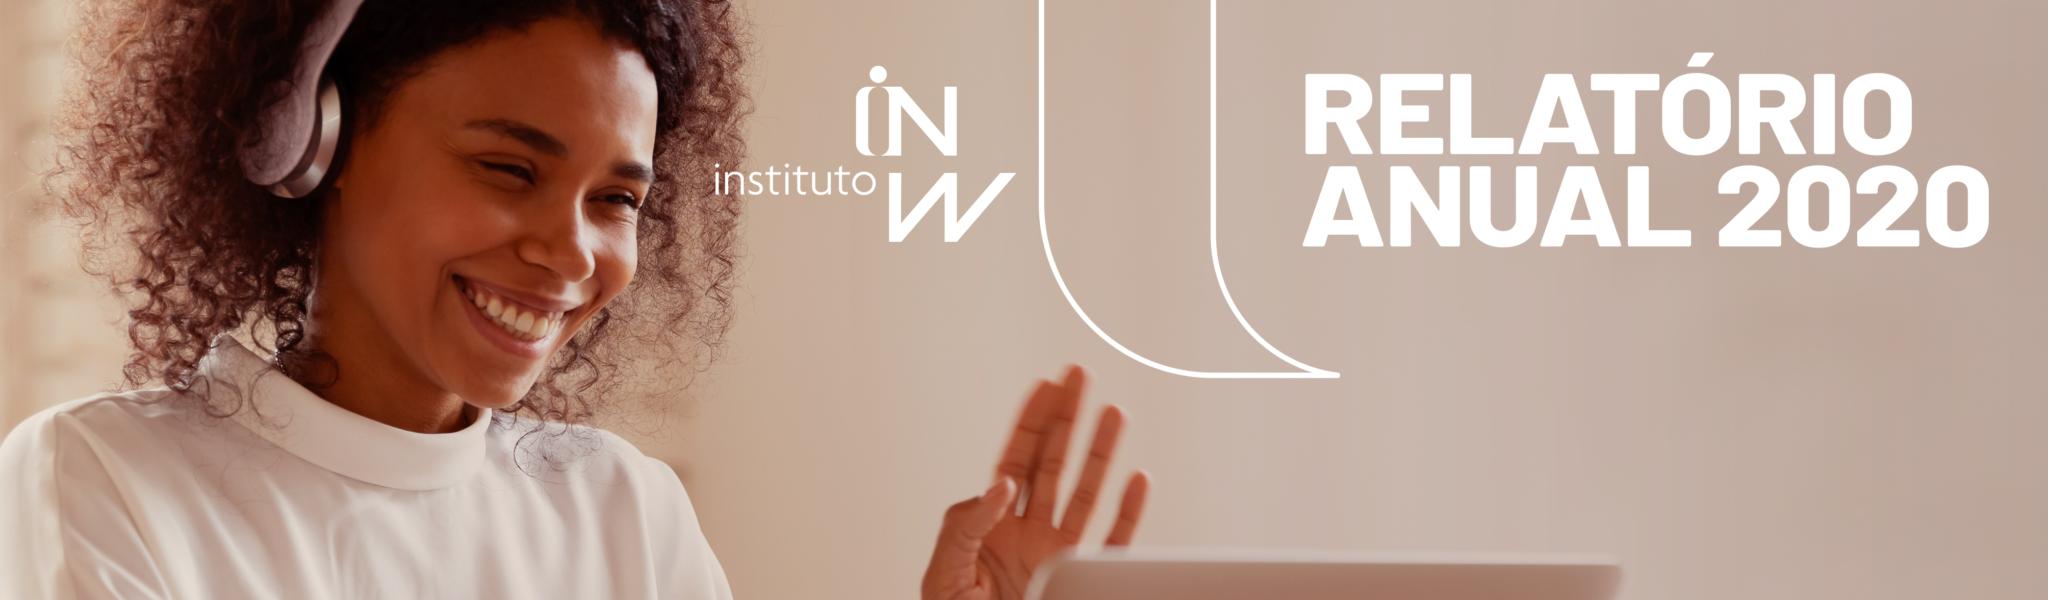 Clique aqui e conheça nosso relatório de impacto social 2020.